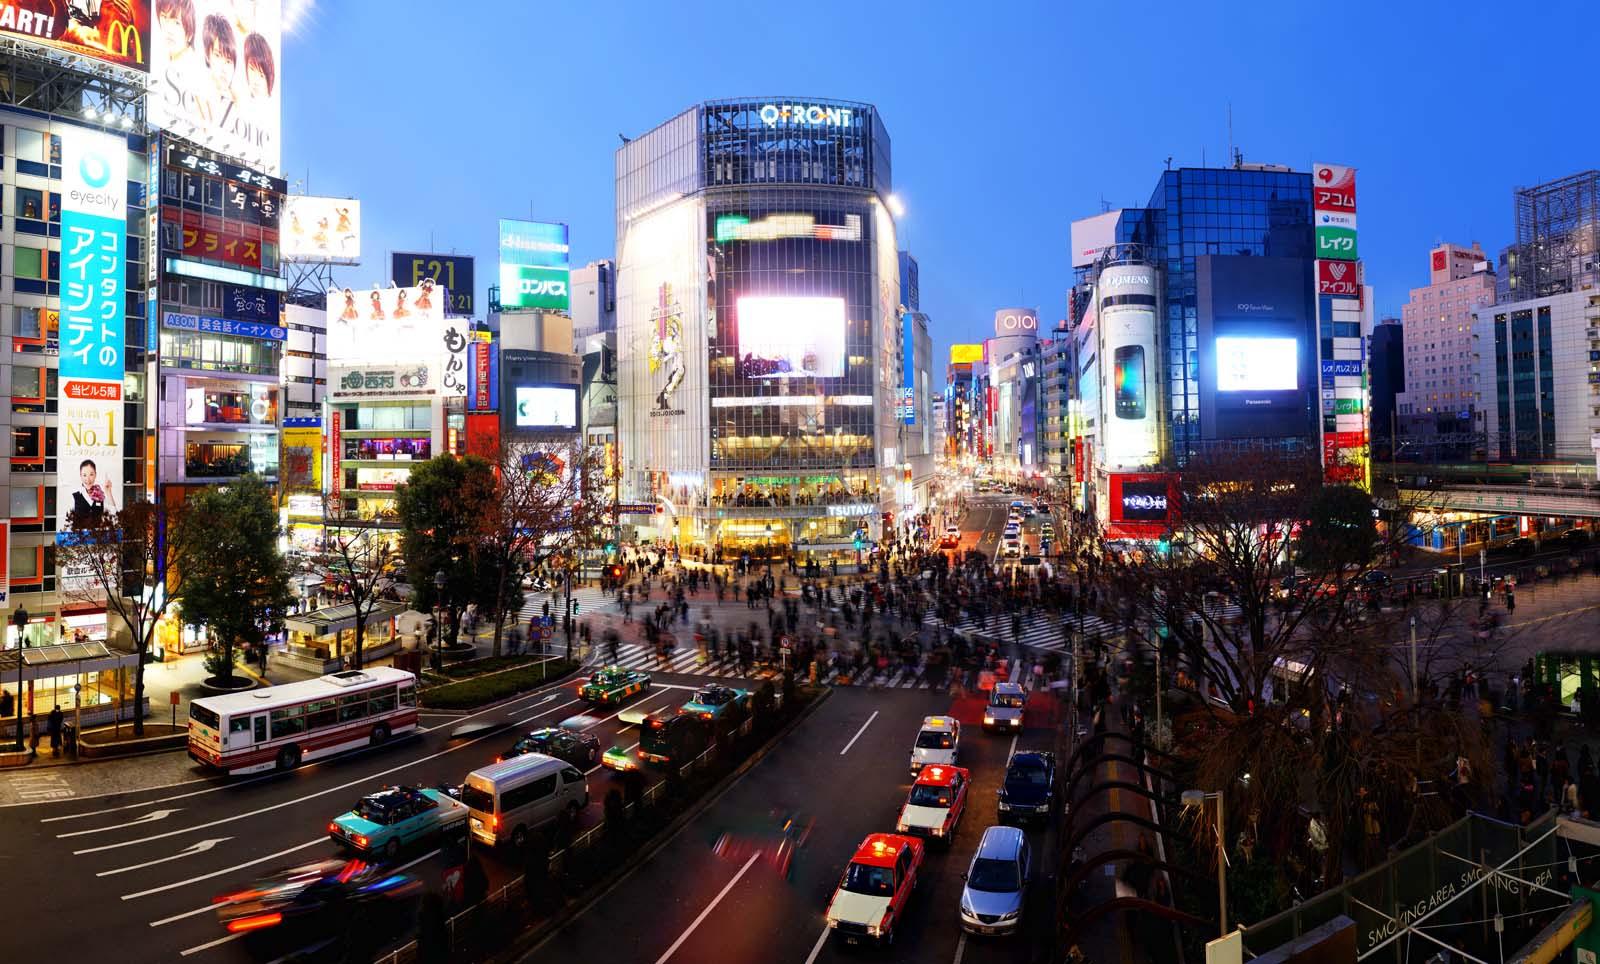 写真,素材,無料,フリー,フォト,クリエイティブ・コモンズ,風景,壁紙,渋谷スクランブル交差点, 人ごみ, 歩行者, バス, 看板